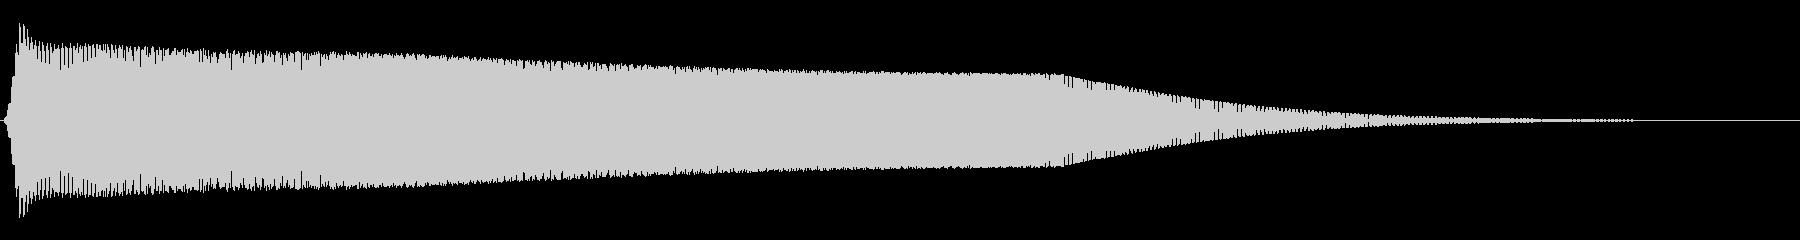 レトロゲーム風サウンドロゴ(ギューン)の未再生の波形